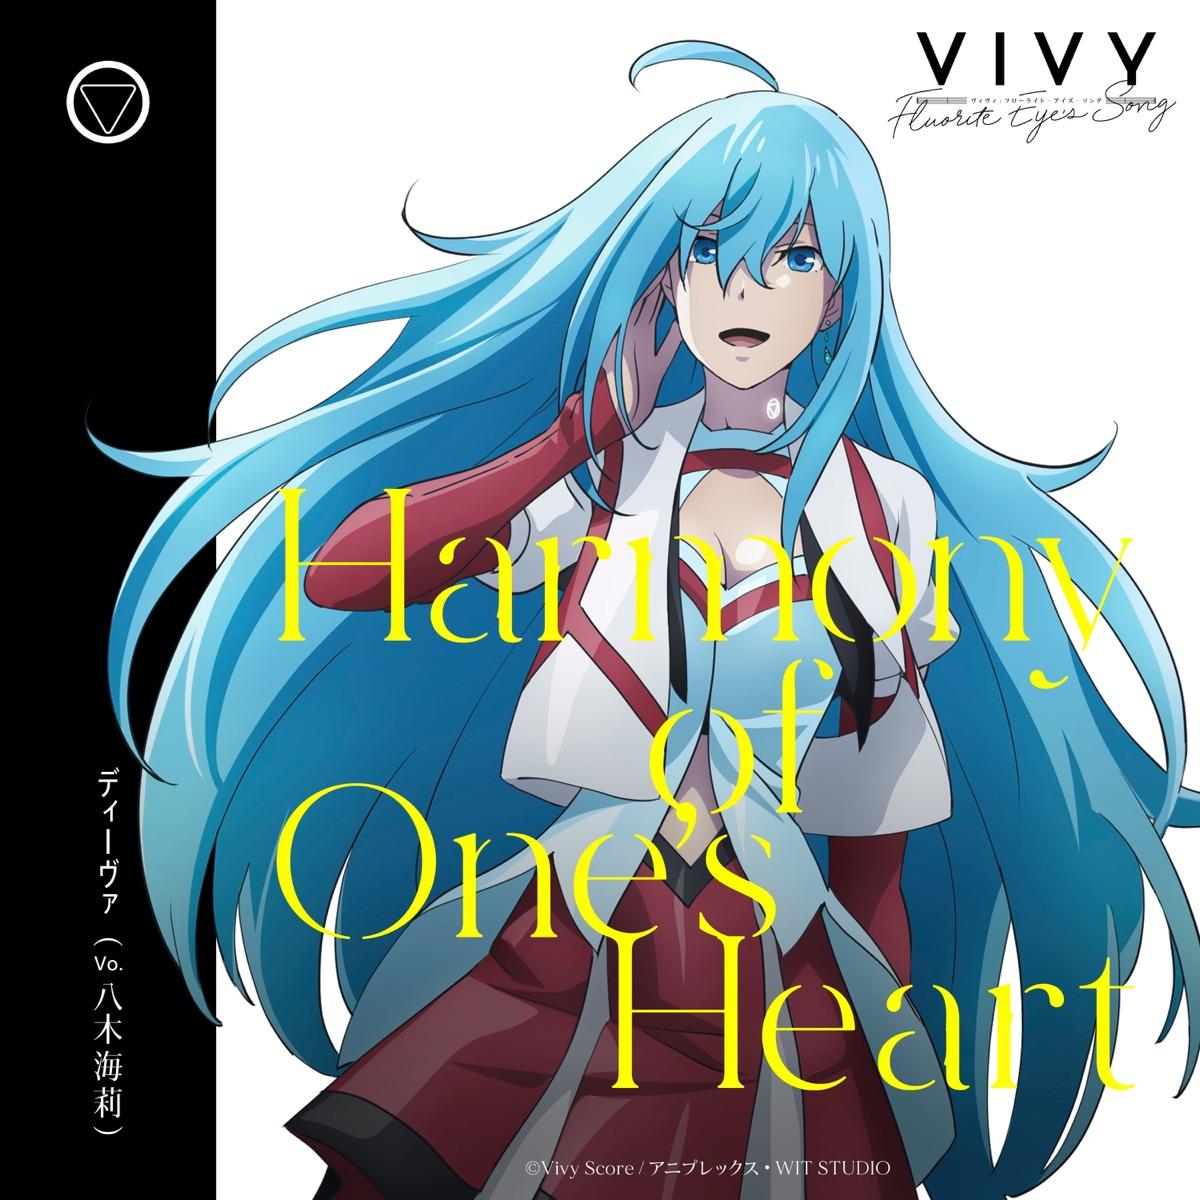 『ディーヴァ(八木海莉) - Harmony of One's Heart』収録の『Harmony of One's Heart』ジャケット